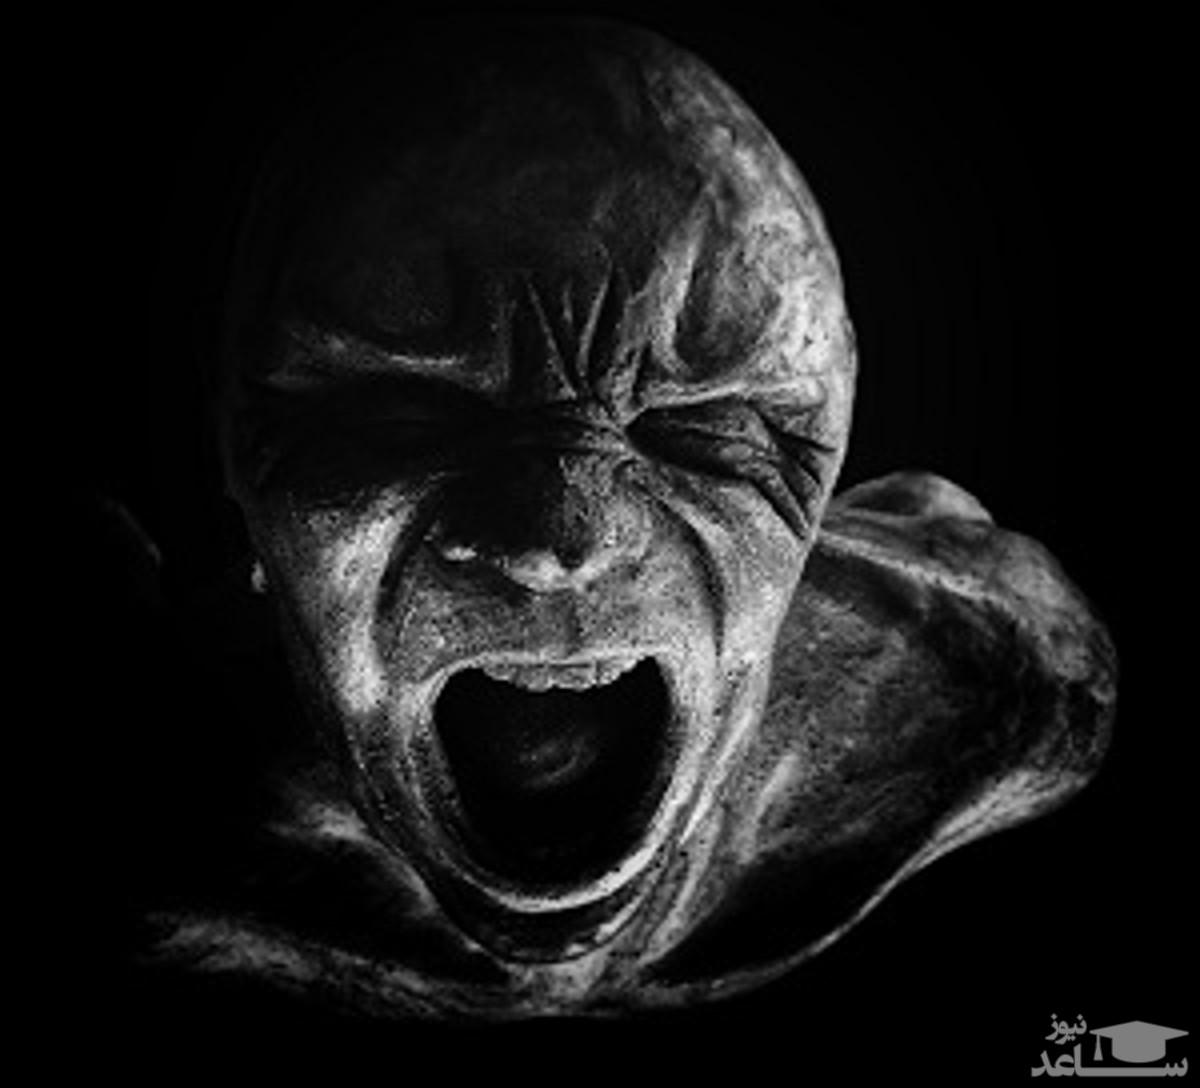 مرد ترسناکی که به شیطان معروف است!